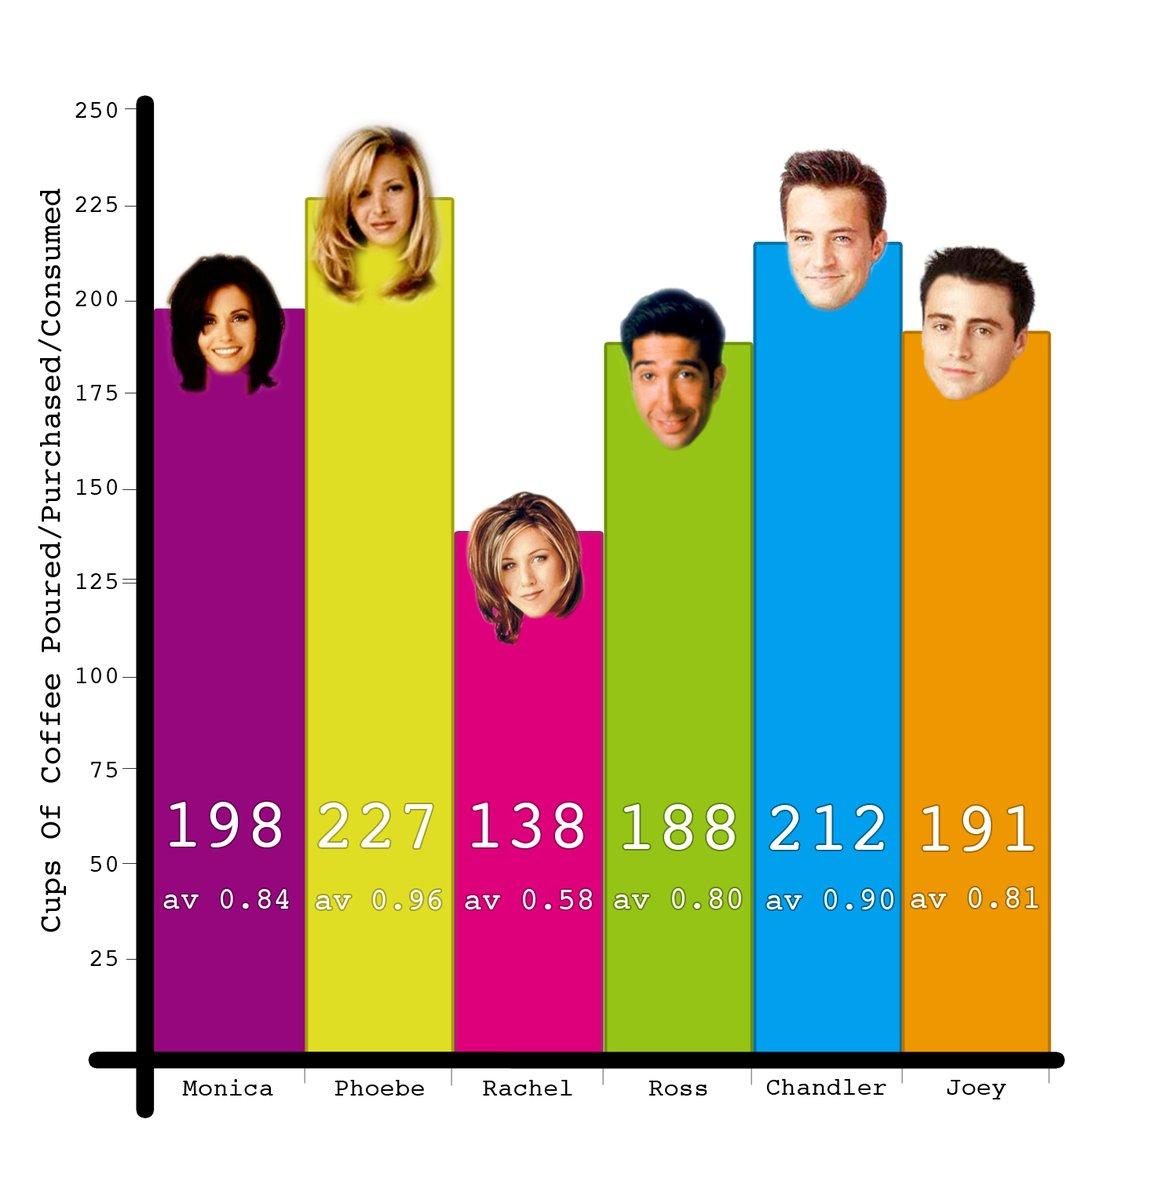 Un estudio delimita quién bebió más café en Friends y cuánto dinero se gastaron